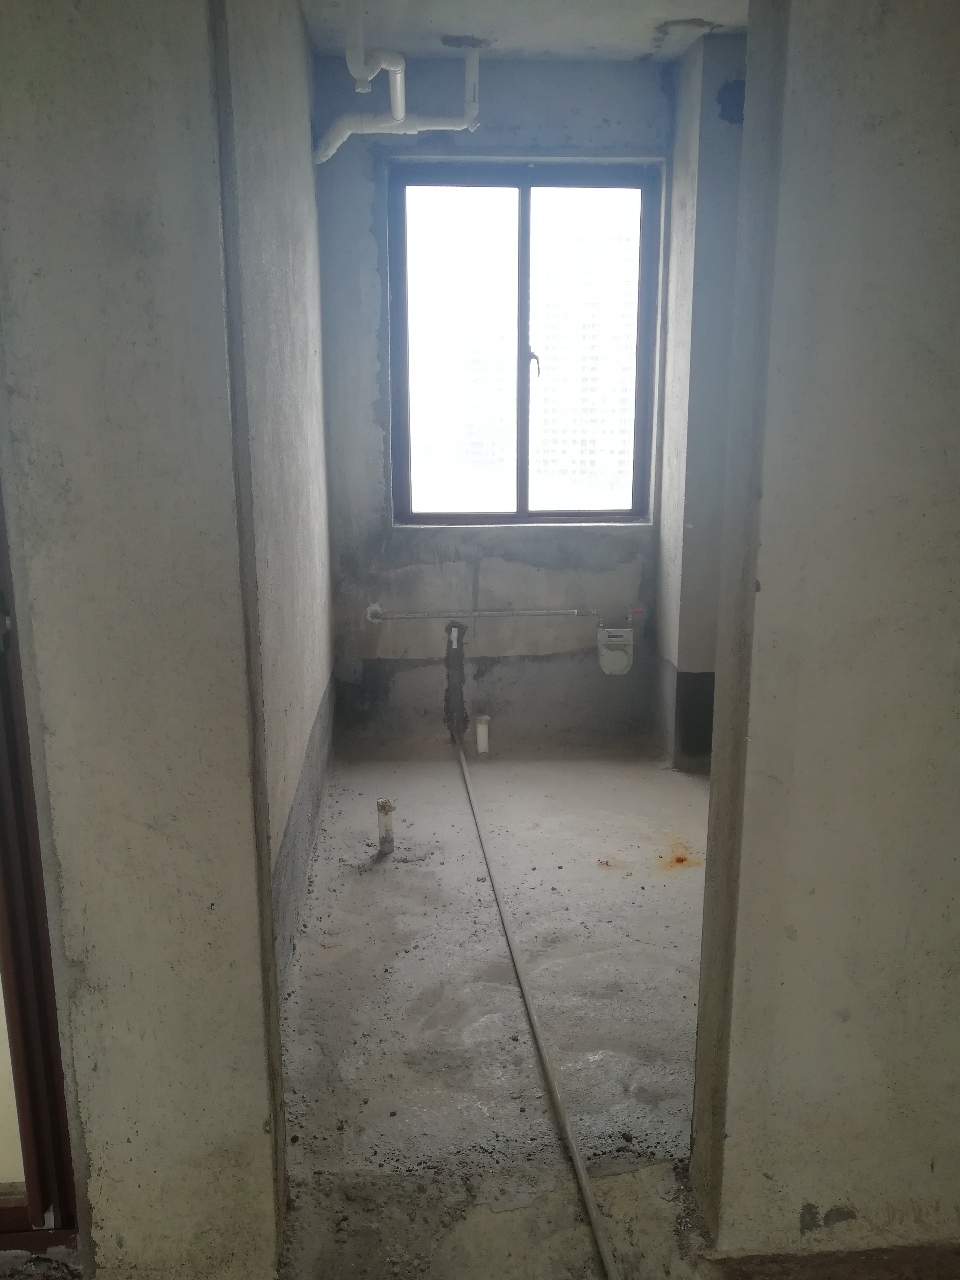 伊比亚河畔3室2厅2卫140万元